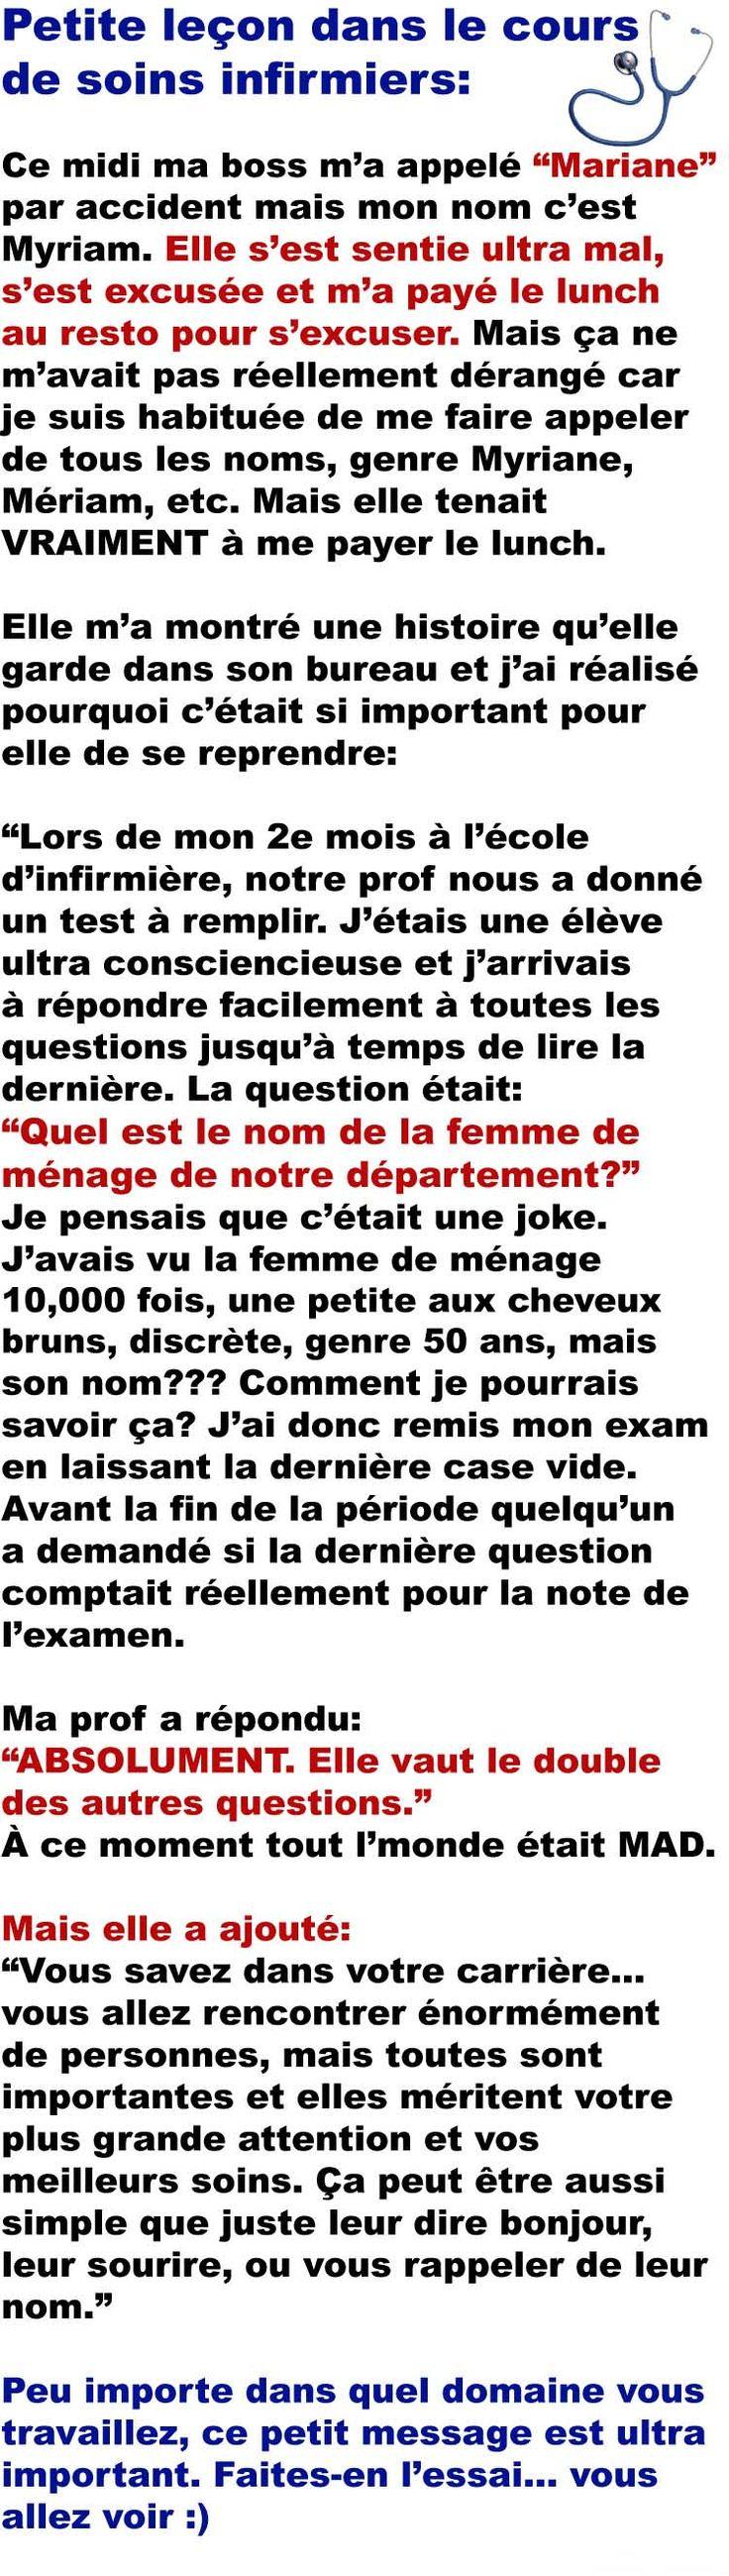 Source : carrefourdunet.com Comments comments